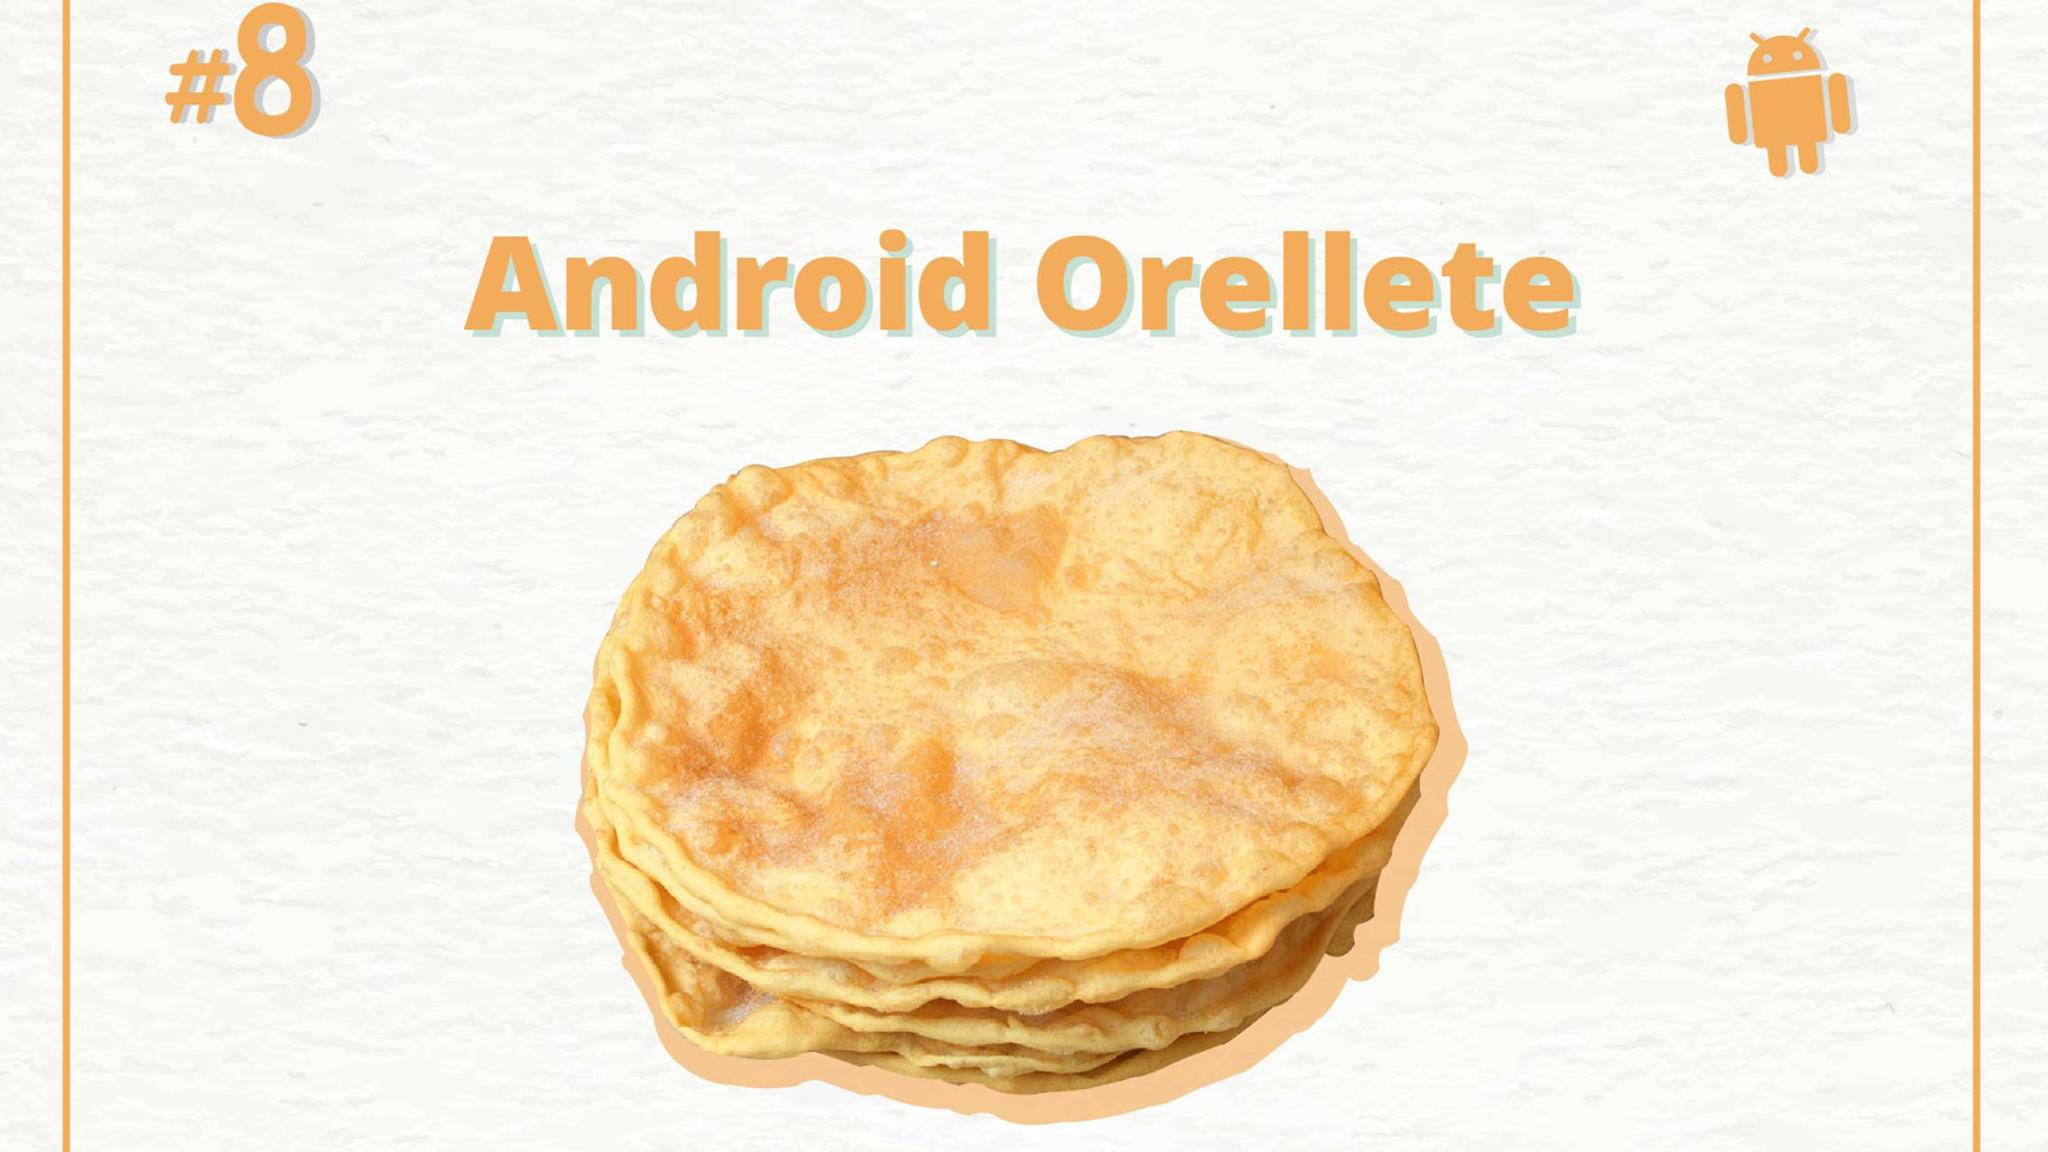 Wird Google sein Betriebssystem Android 8.0 Orellete nennen?